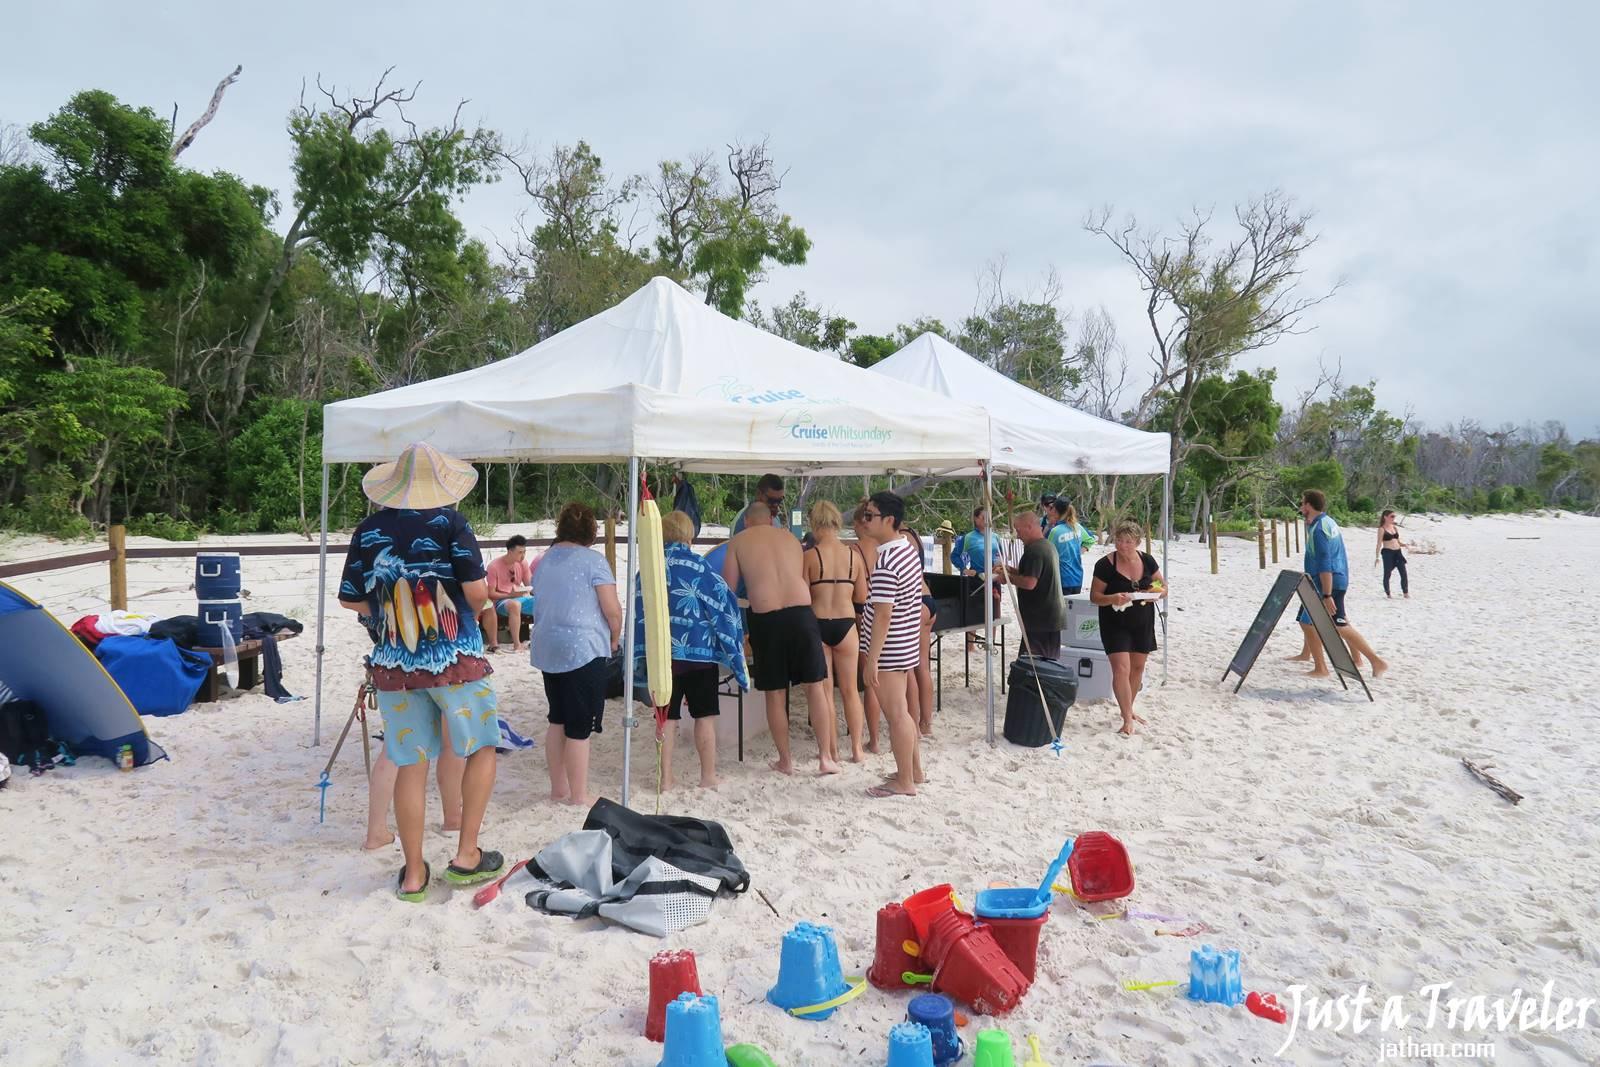 澳洲-聖靈群島-白天堂沙灘-白天堂海灘-景點-推薦-攻略-交通-自由行-遊記-必玩-必去-必遊-行程-一日遊-半日遊-旅遊-Whitsundays-Whitehaven-Beach